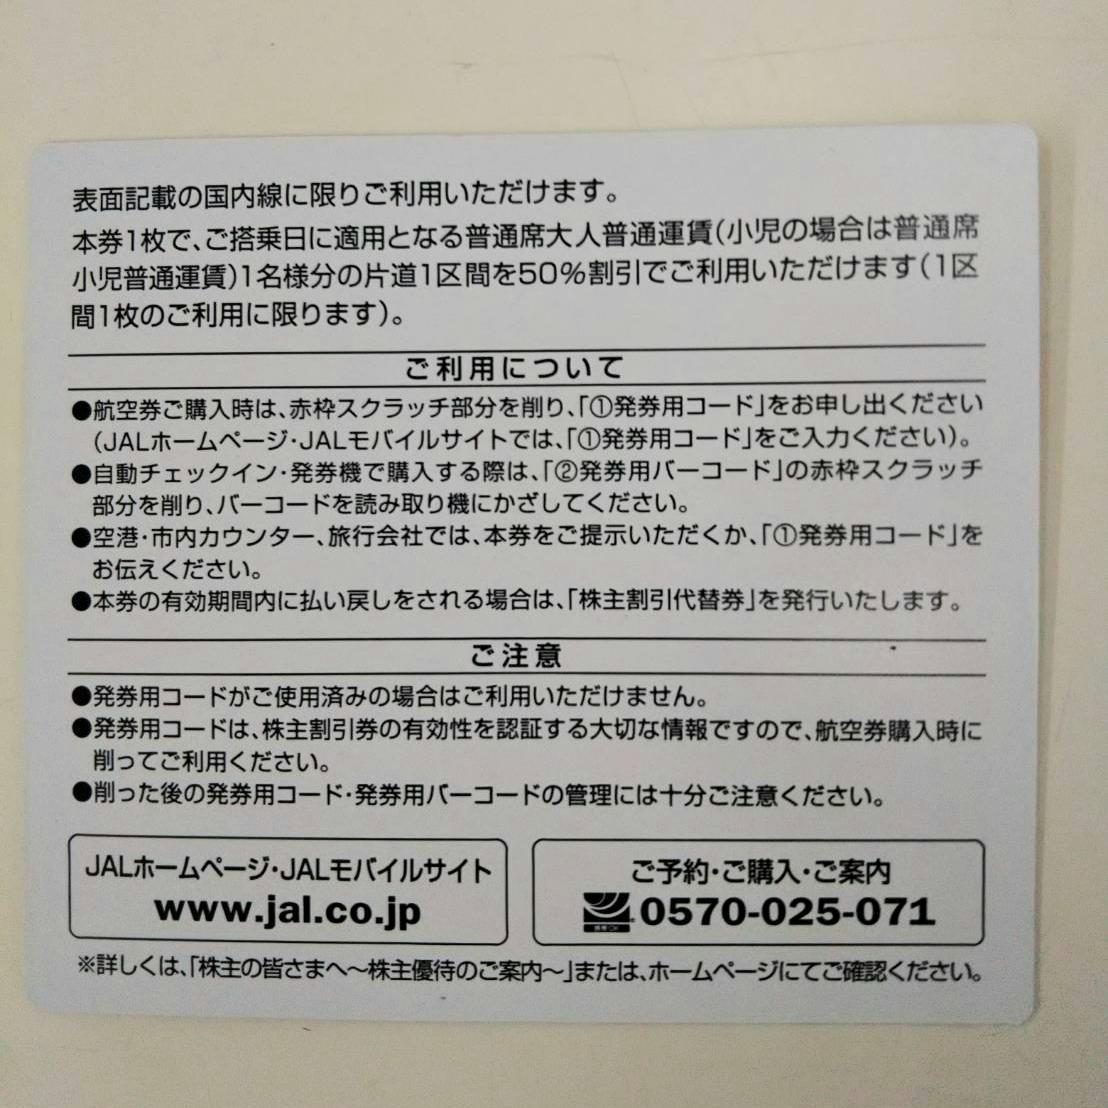 1円~スタート【送料無料】JAL 日本航空株主優待券1枚 最新分 有効期限:2020年5月31日迄【新品、未使用品A】_画像2